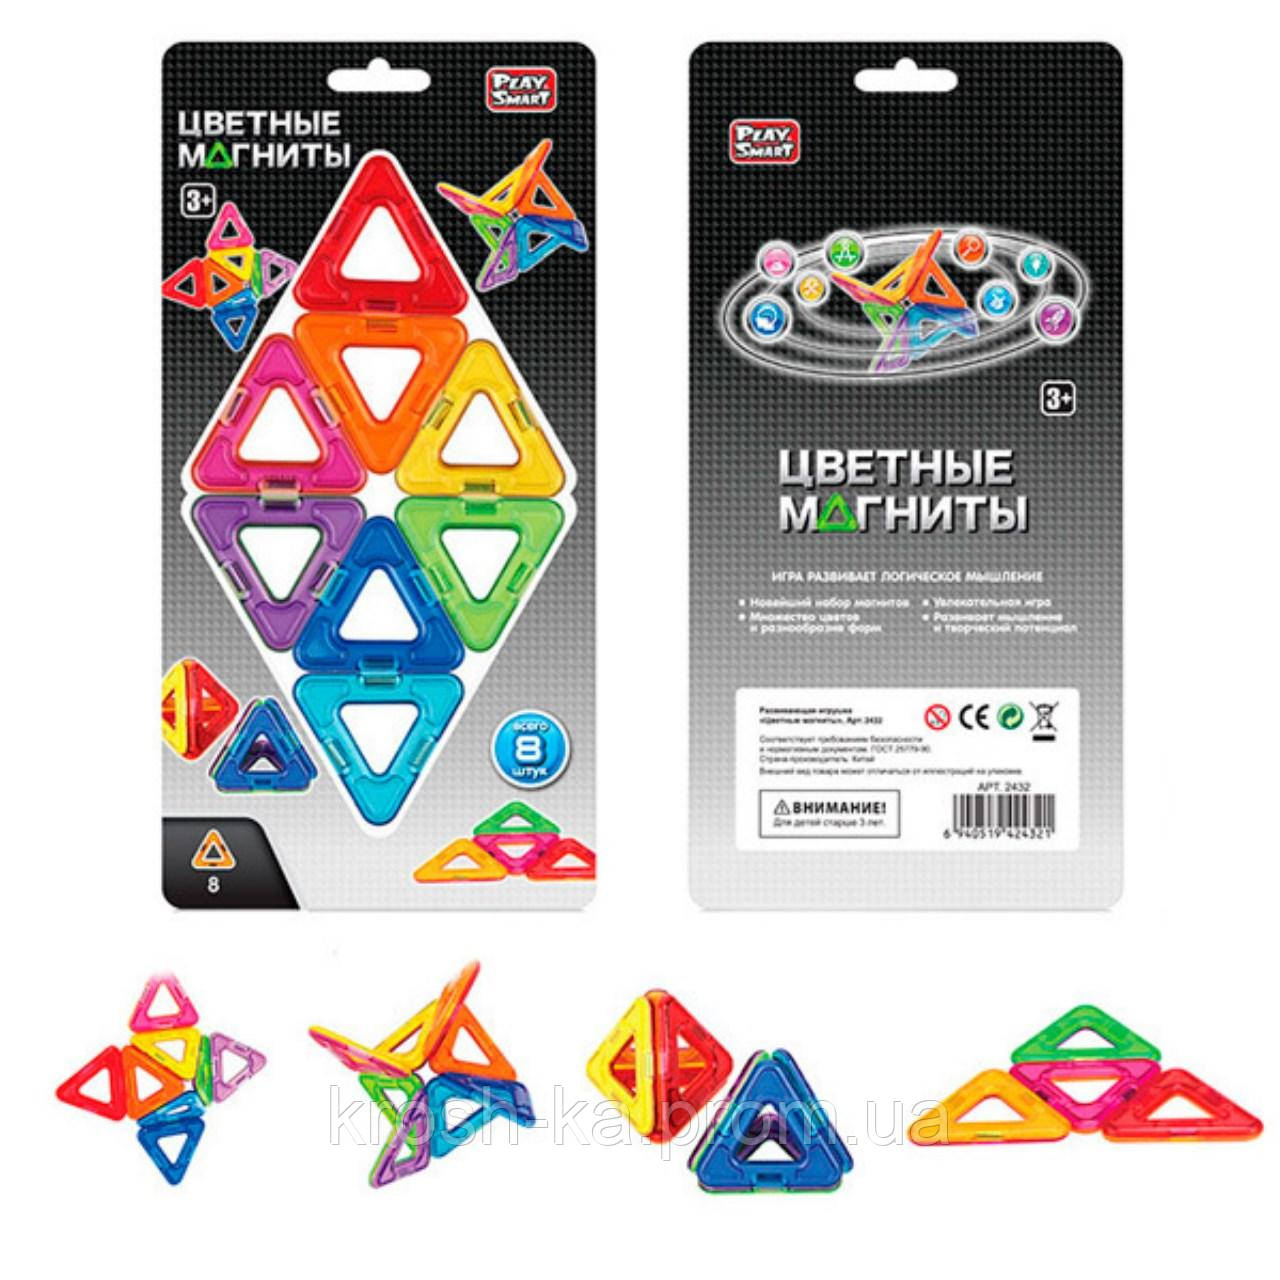 Конструктор магнитный Play Smart Цветные магниты 8 деталей Китай 2432